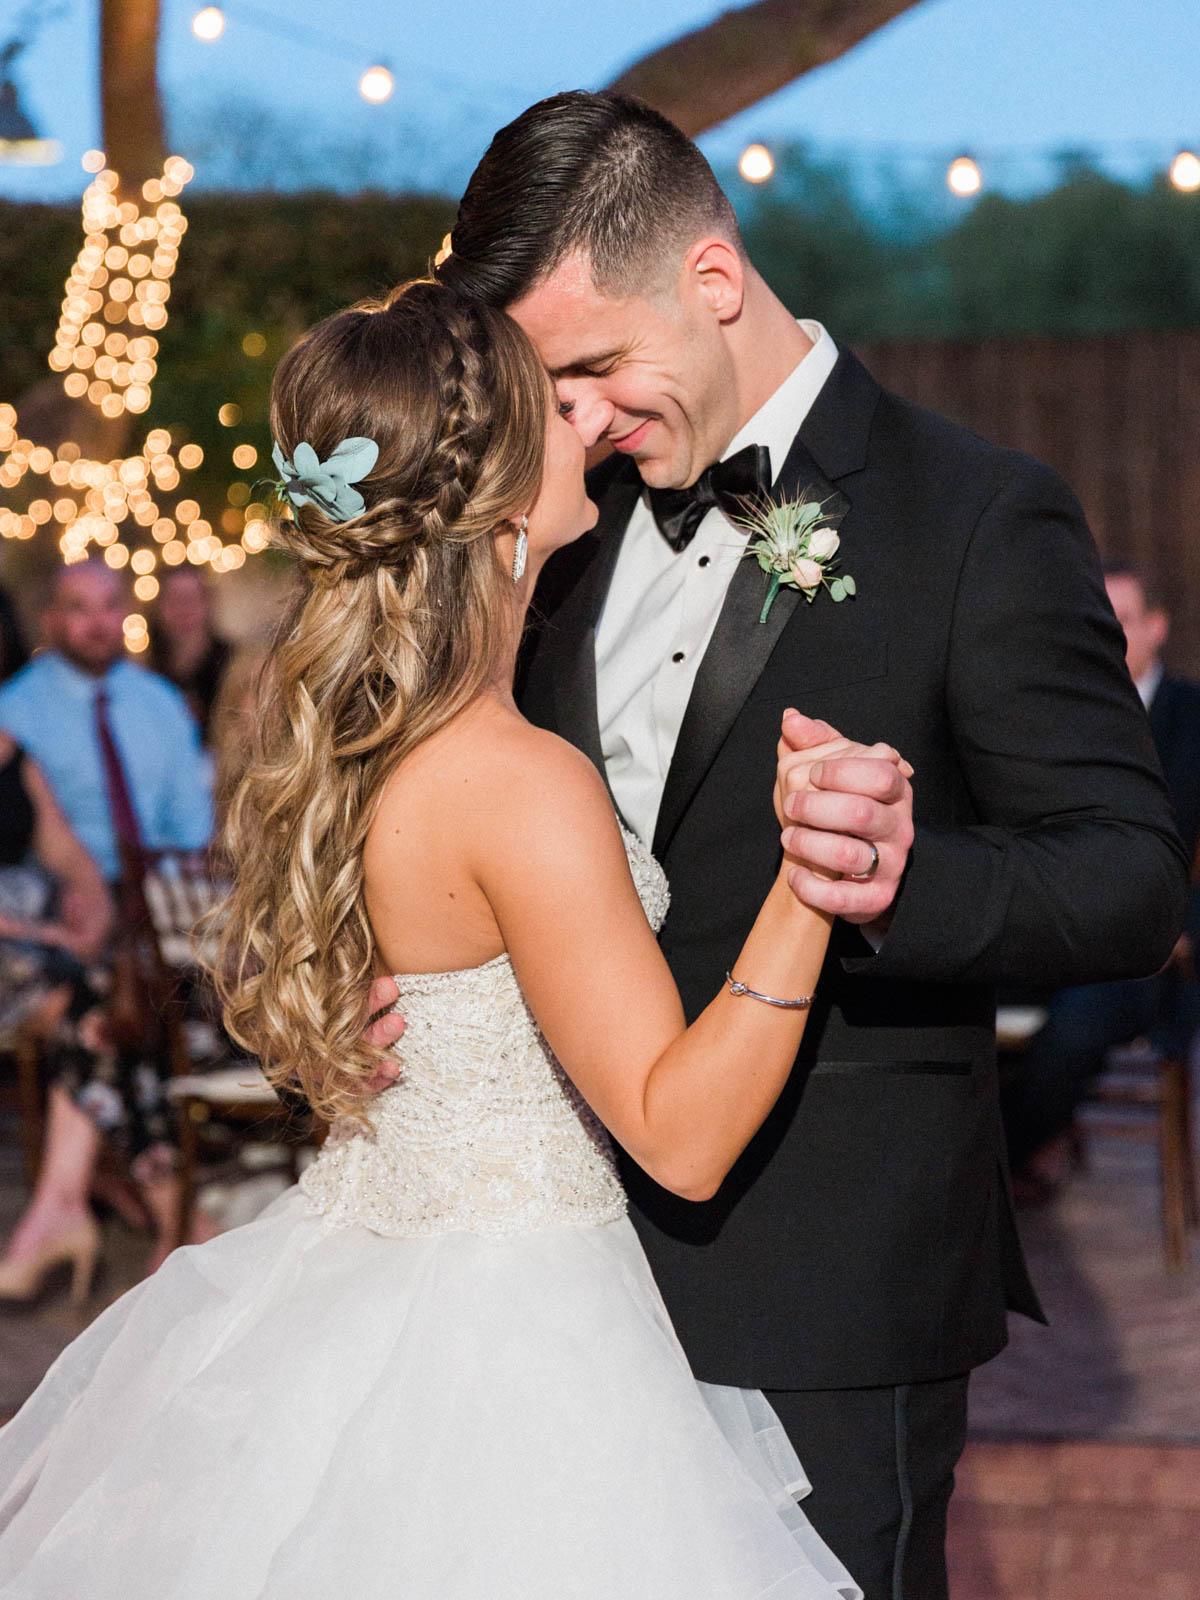 Stillwell House wedding captured by Tucson Wedding Photographers Betsy & John